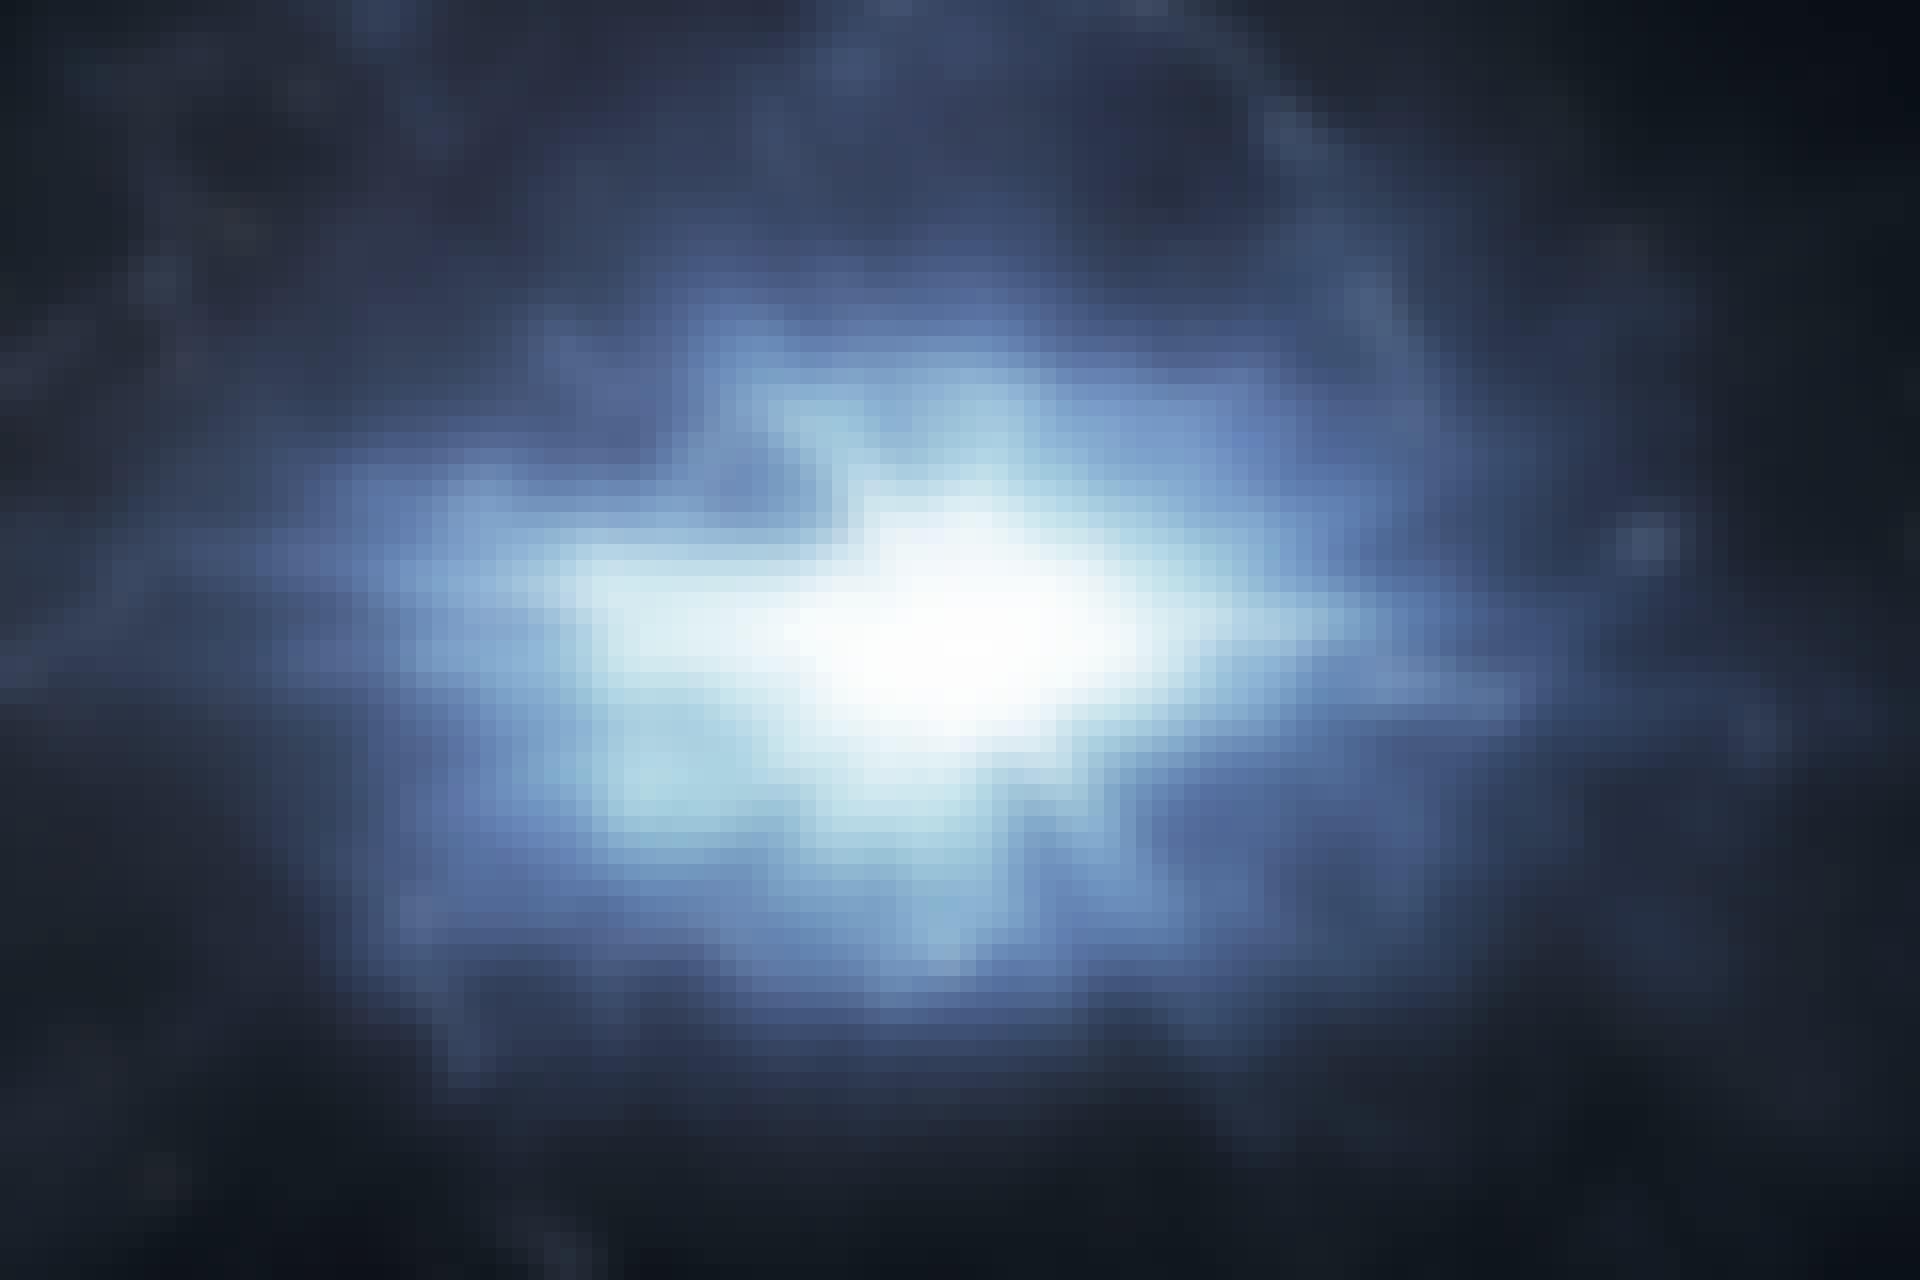 Big Bang 2014/14